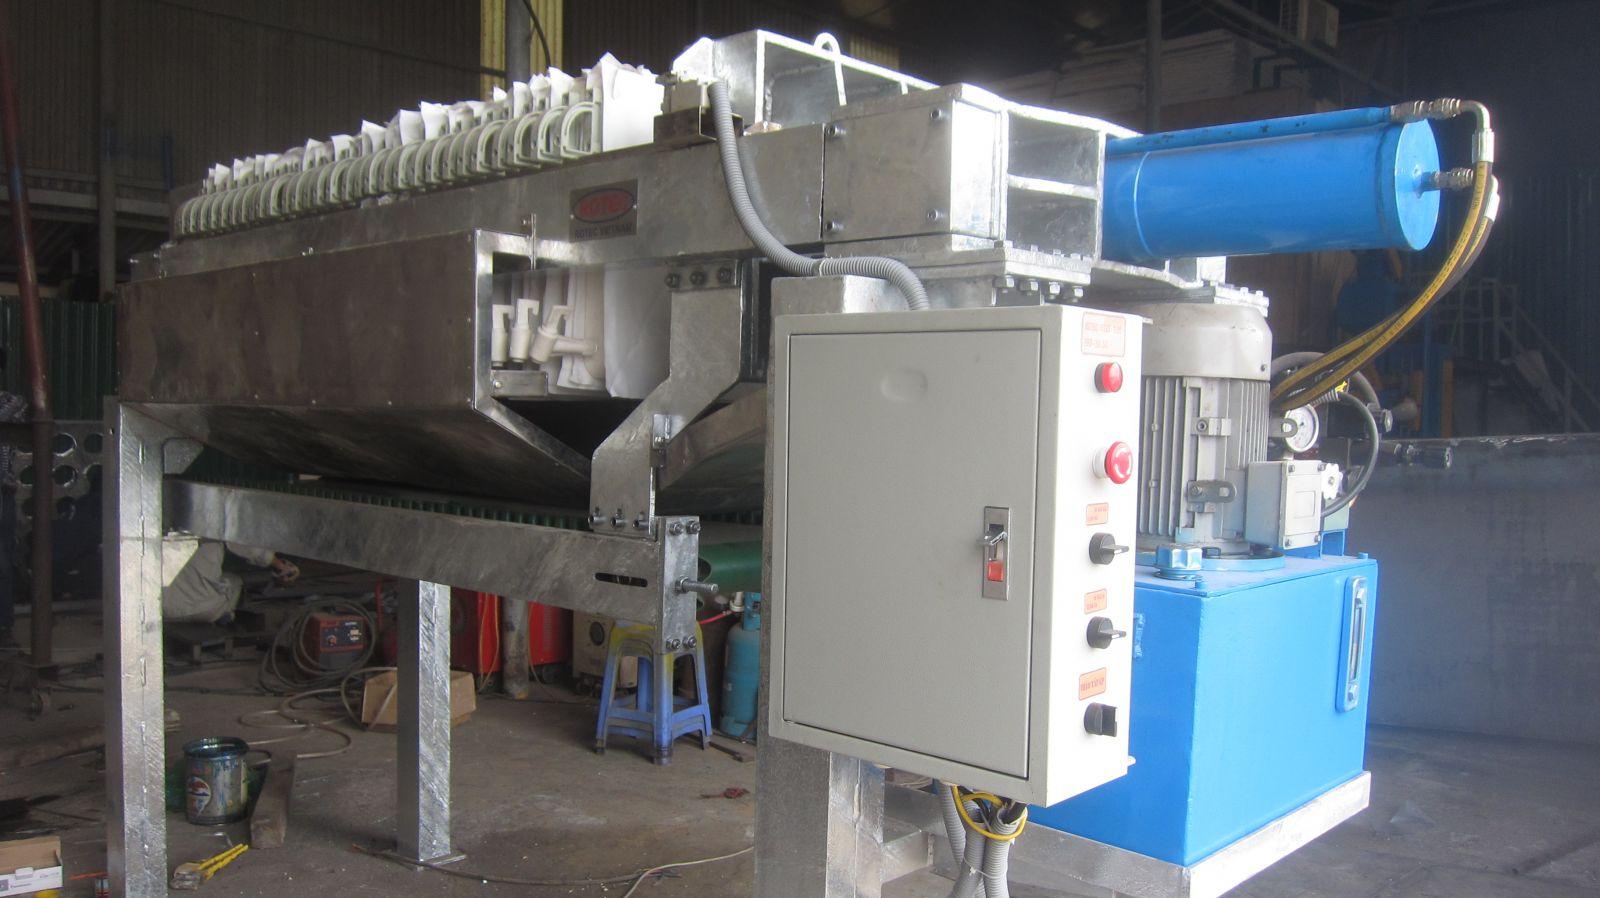 Rotec Việt Nam bàn giao máy ép lọc bùn khung bản cho khách hàng